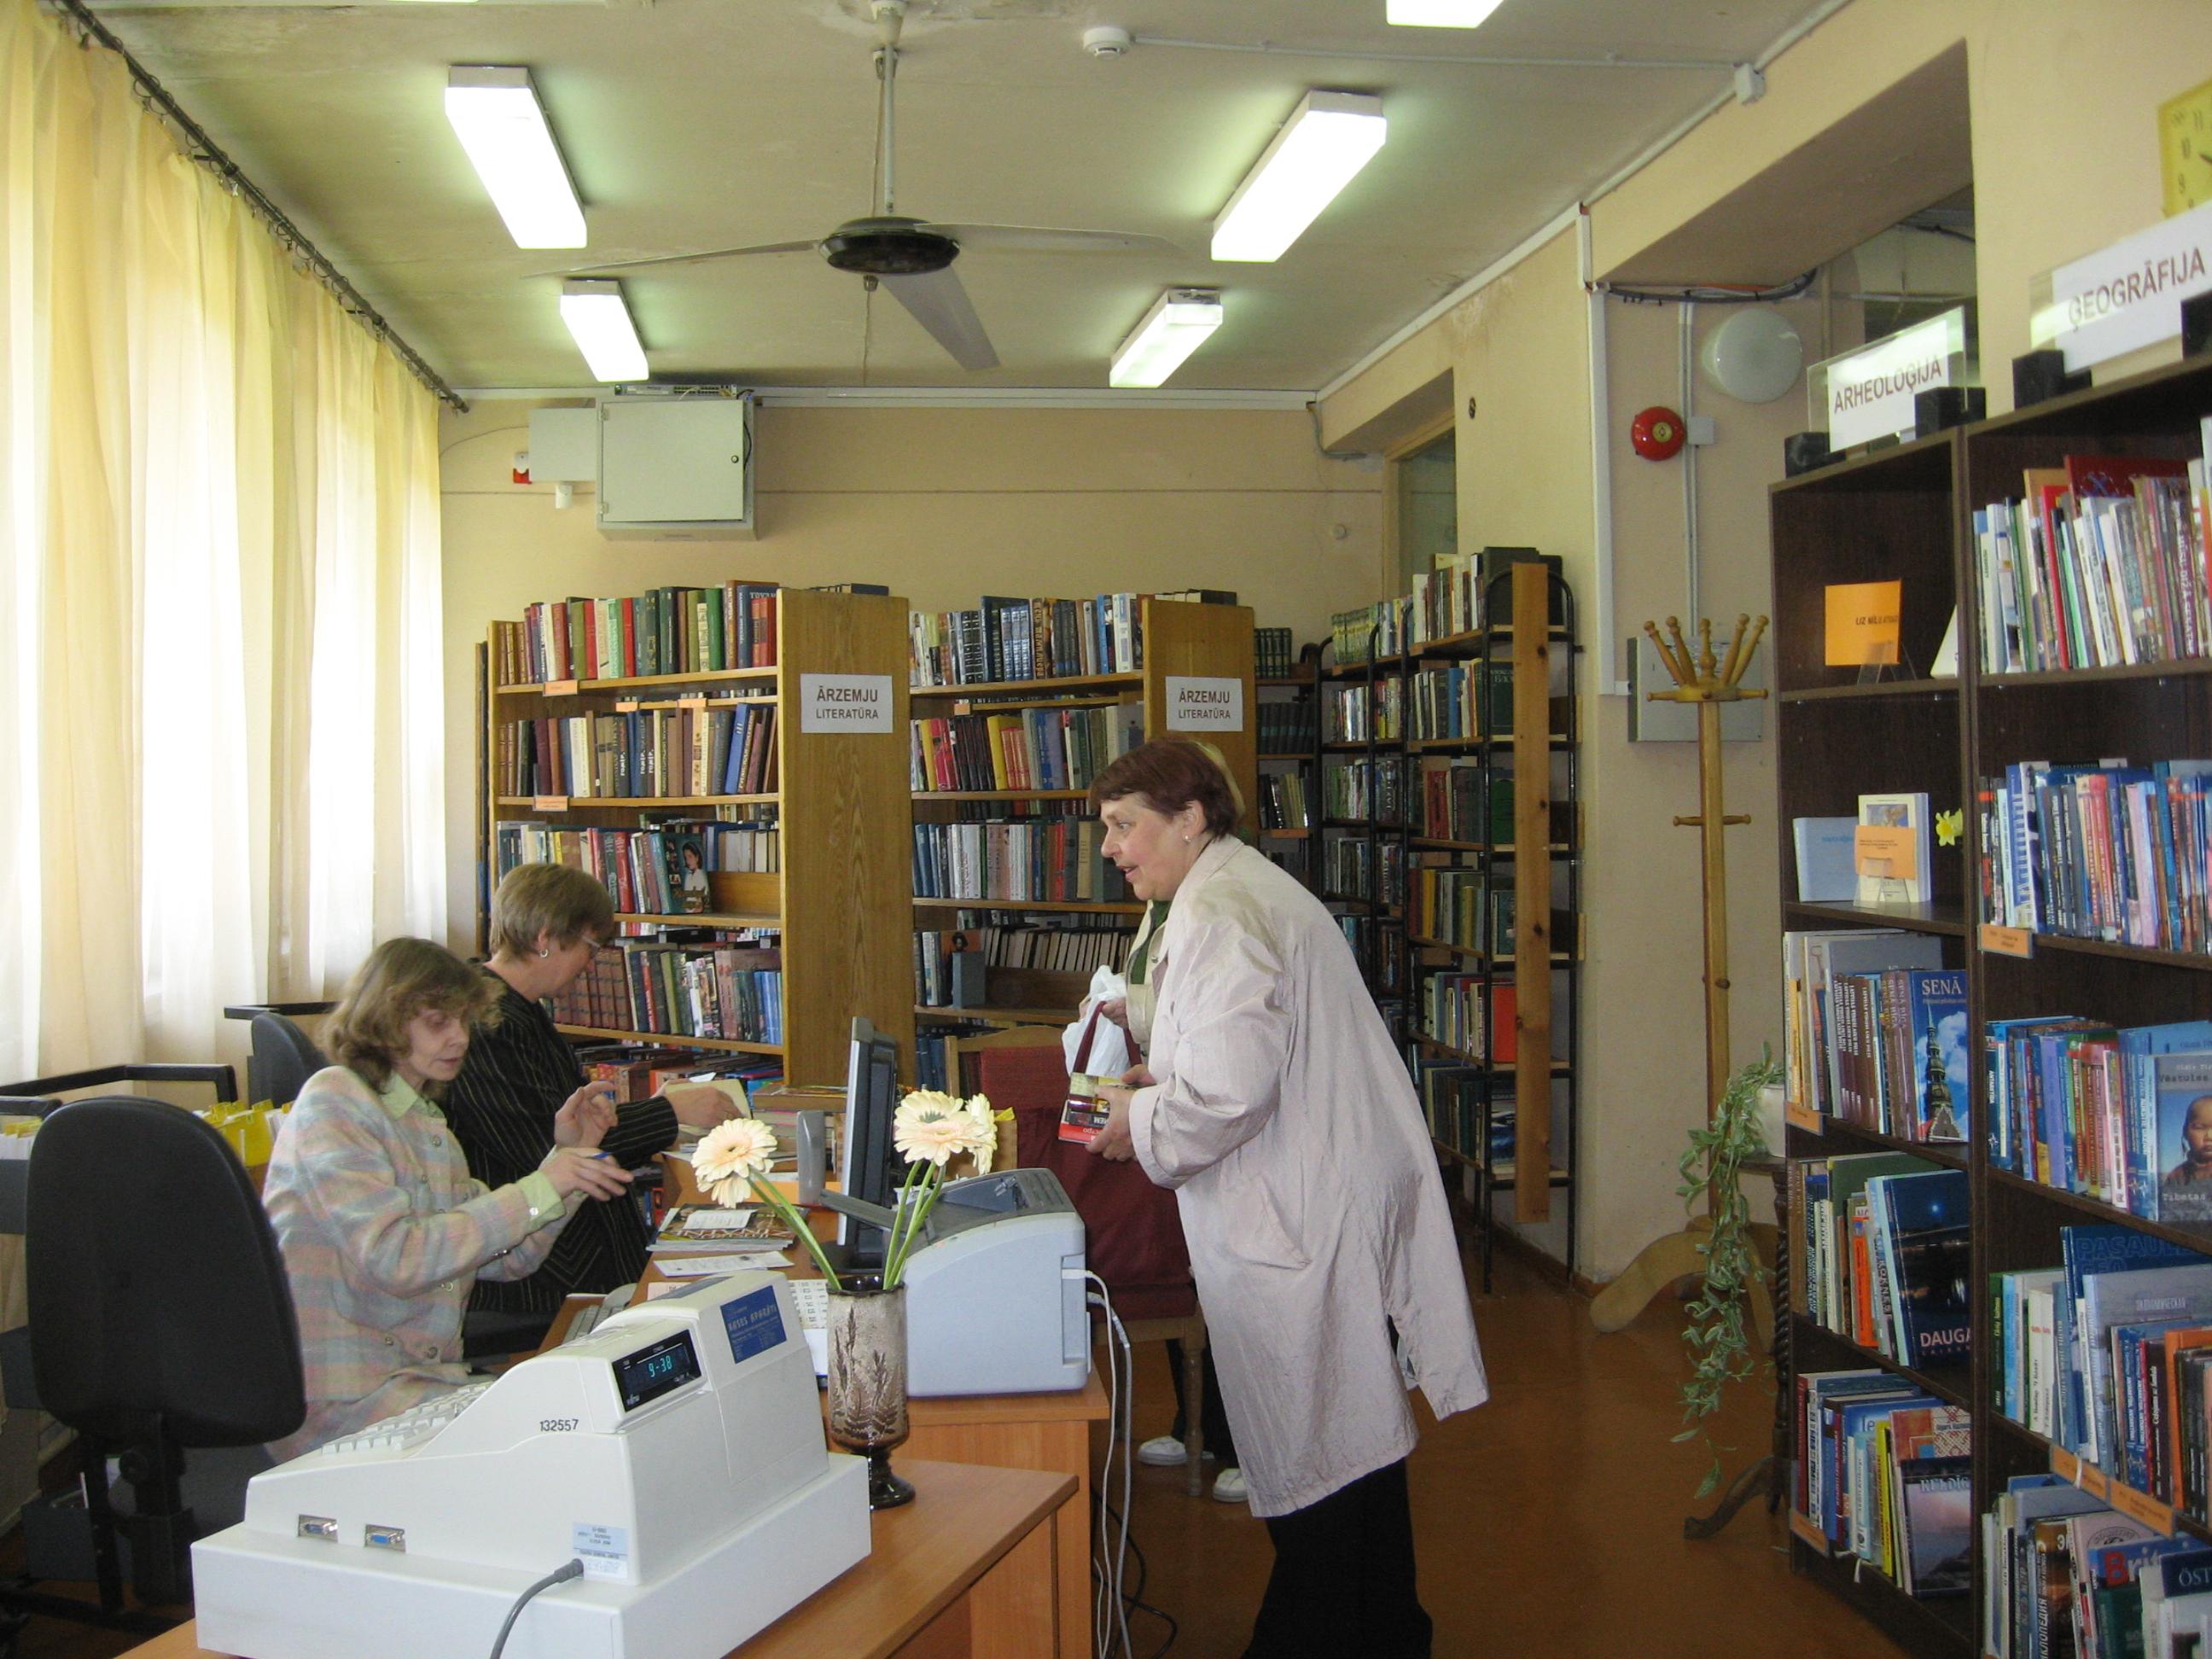 kā bibliotēka pelna naudu)